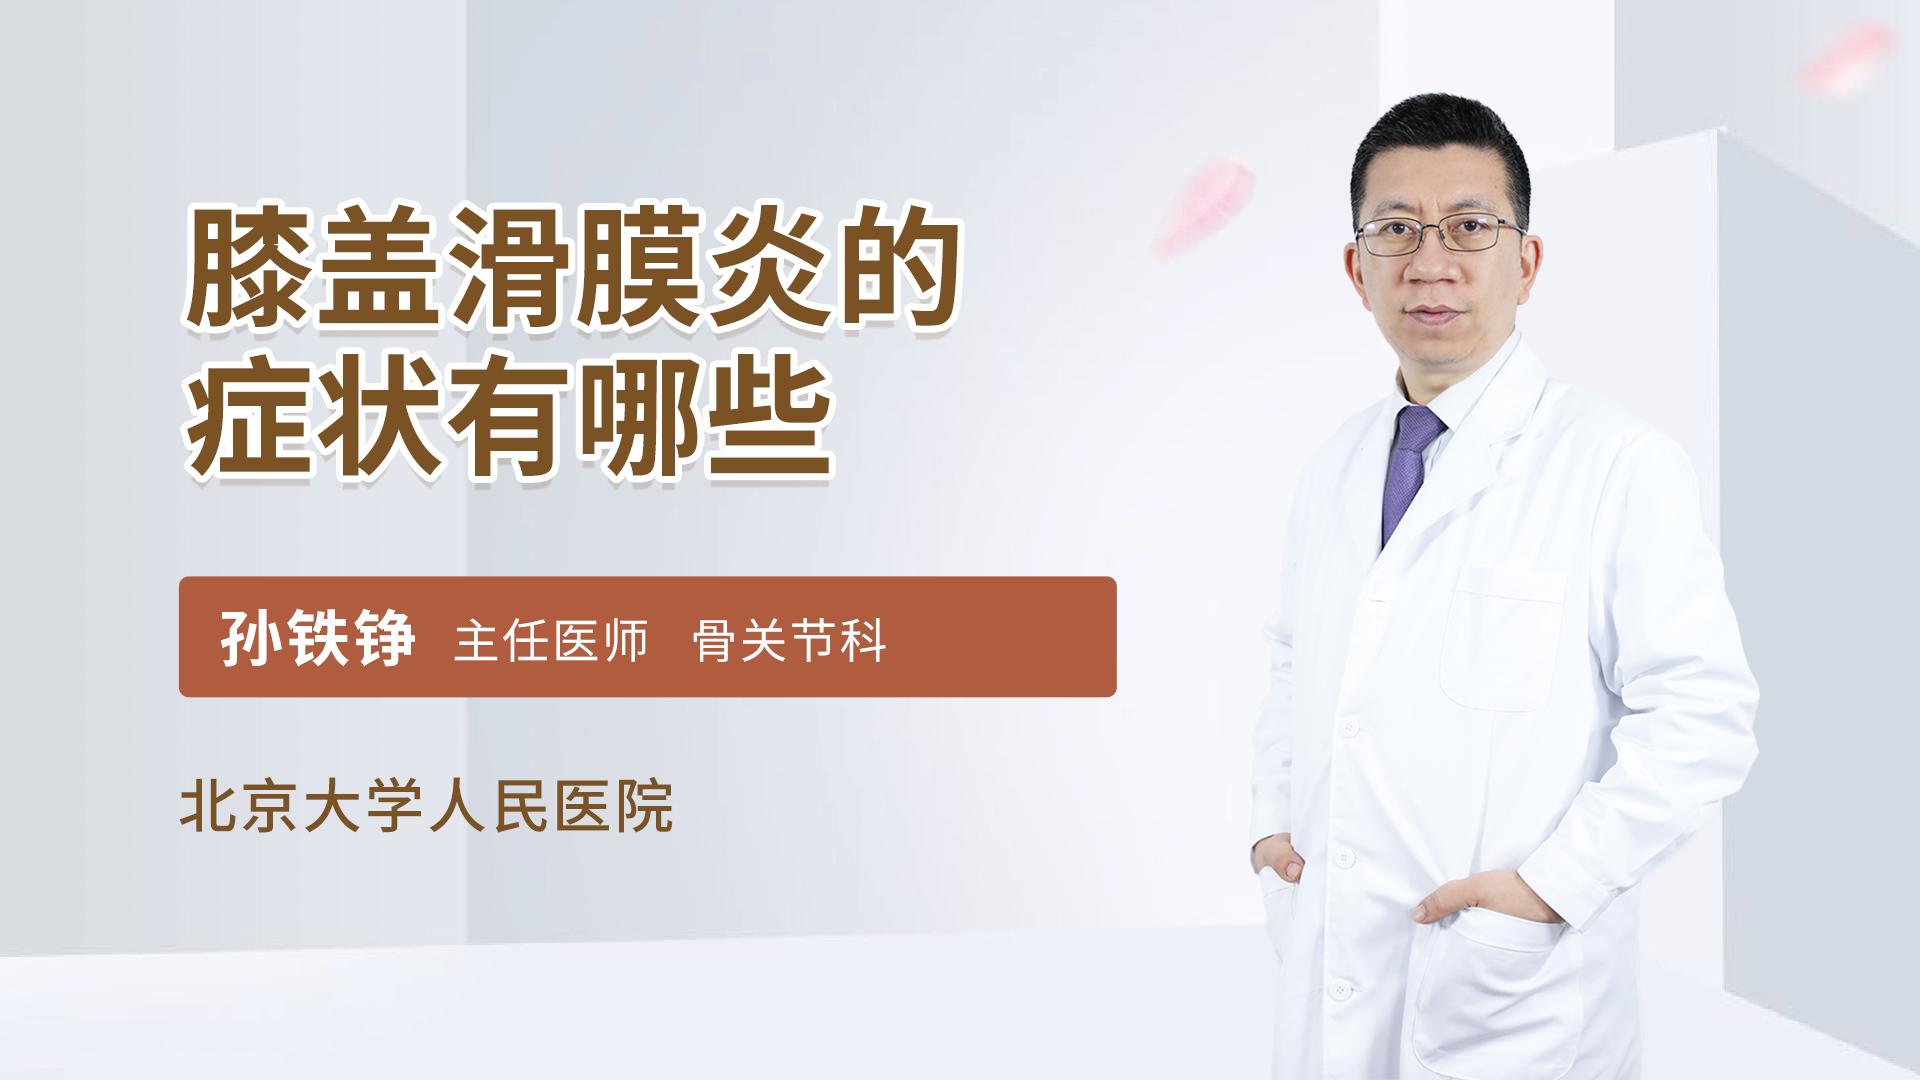 膝盖滑膜炎的症状有哪些